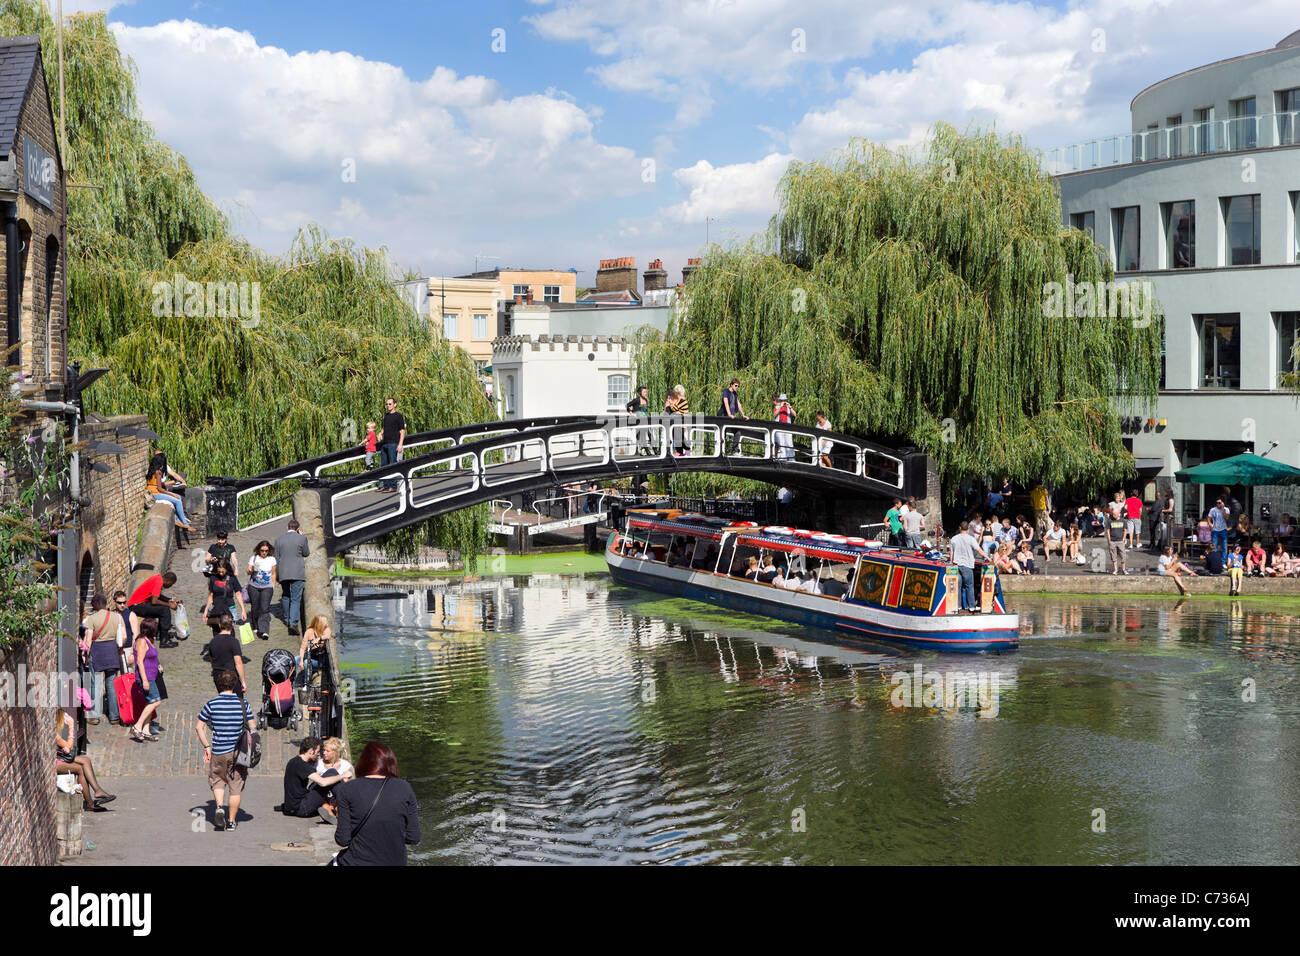 Narrowboat at Camden Lock, North London, England, UK - Stock Image